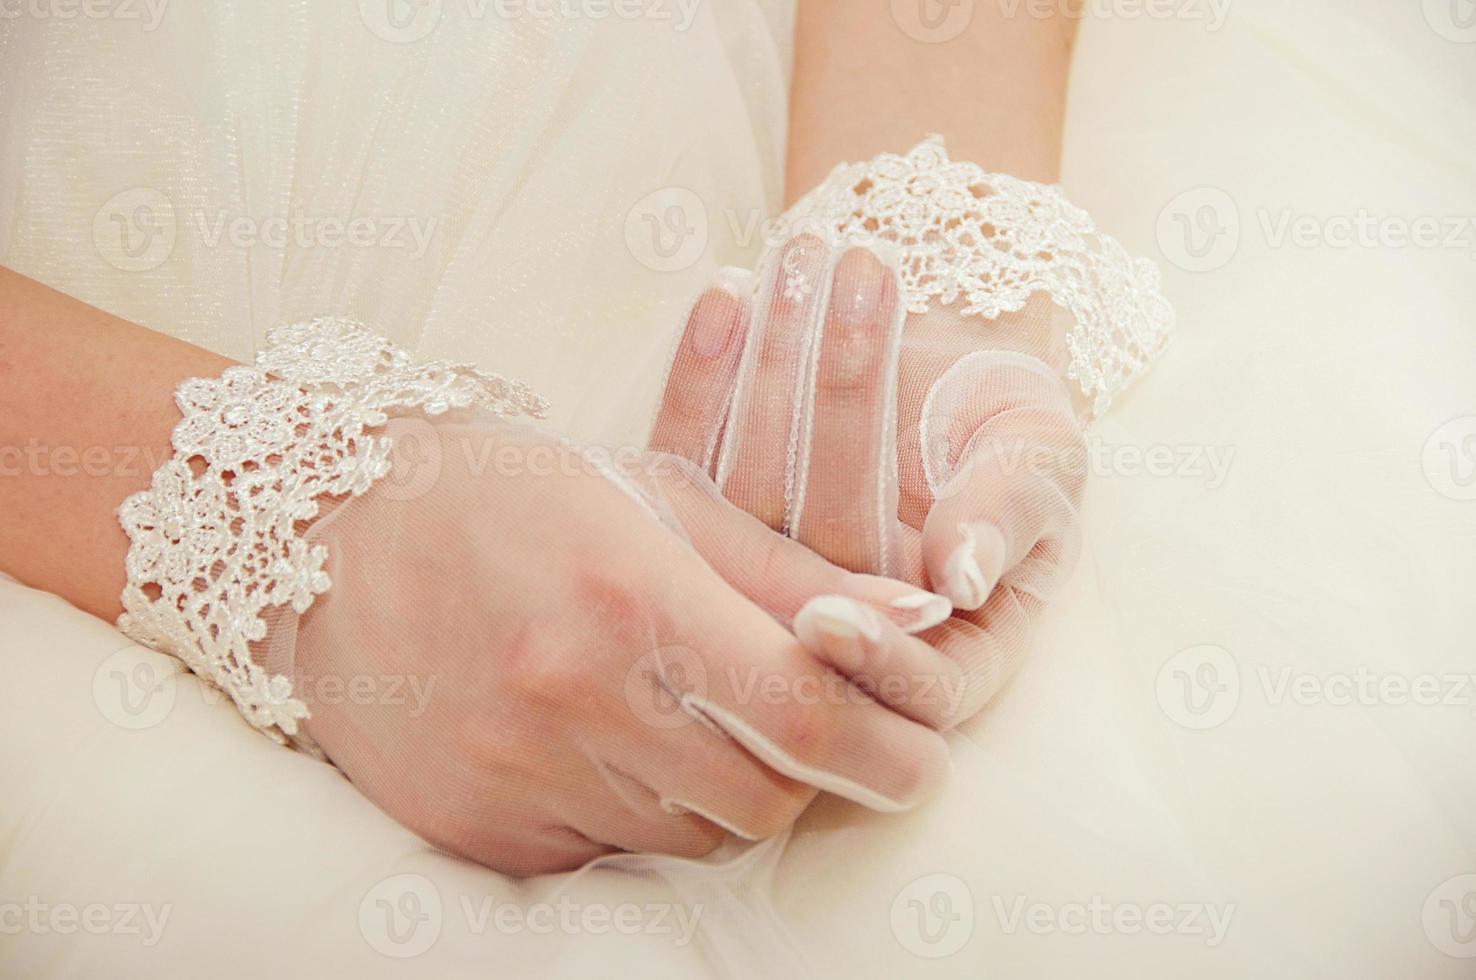 guantes de boda en manos de la novia foto